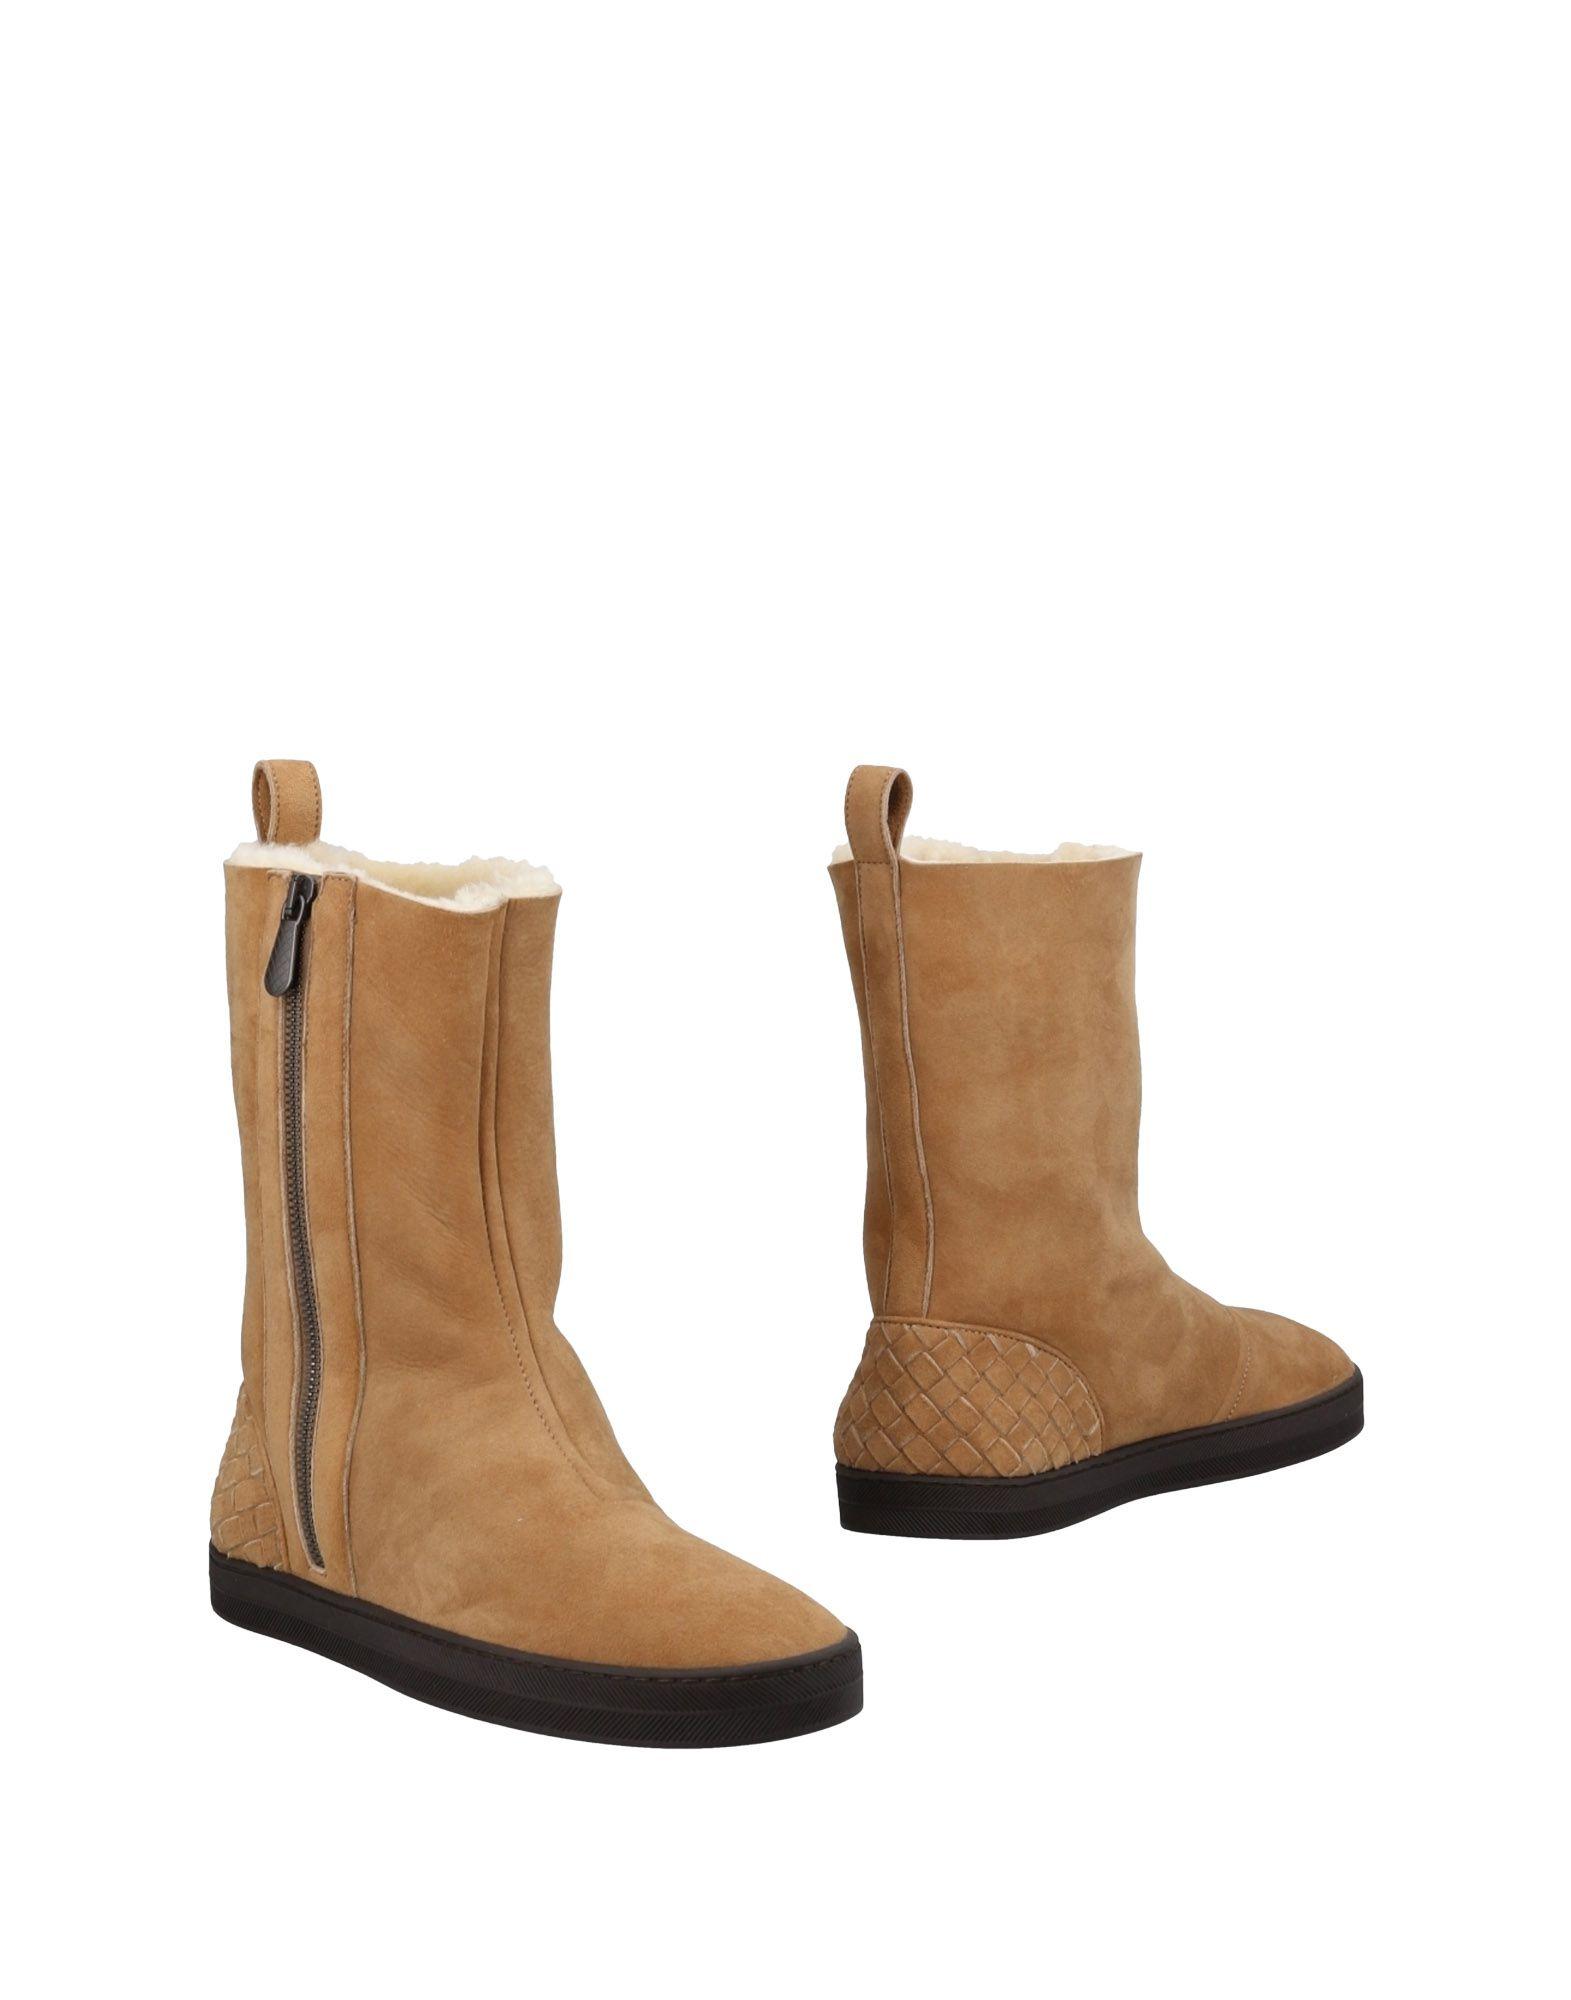 Bottega 11220849UEGünstige Veneta Stiefelette Damen  11220849UEGünstige Bottega gut aussehende Schuhe dbf002